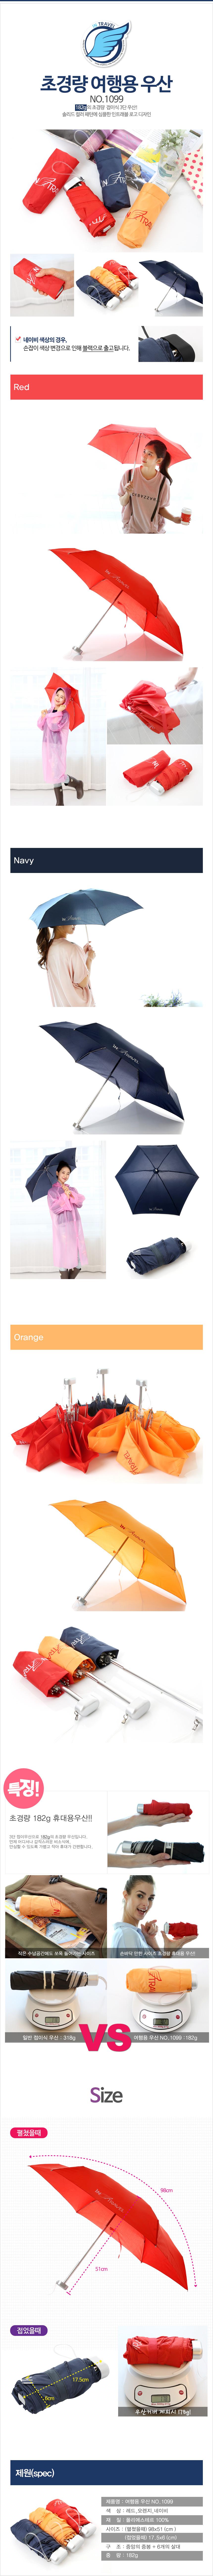 인트래블 초경량 여행용3단우산 NO.1099 - 알피아이, 7,500원, 우산, 수동3단/5단우산